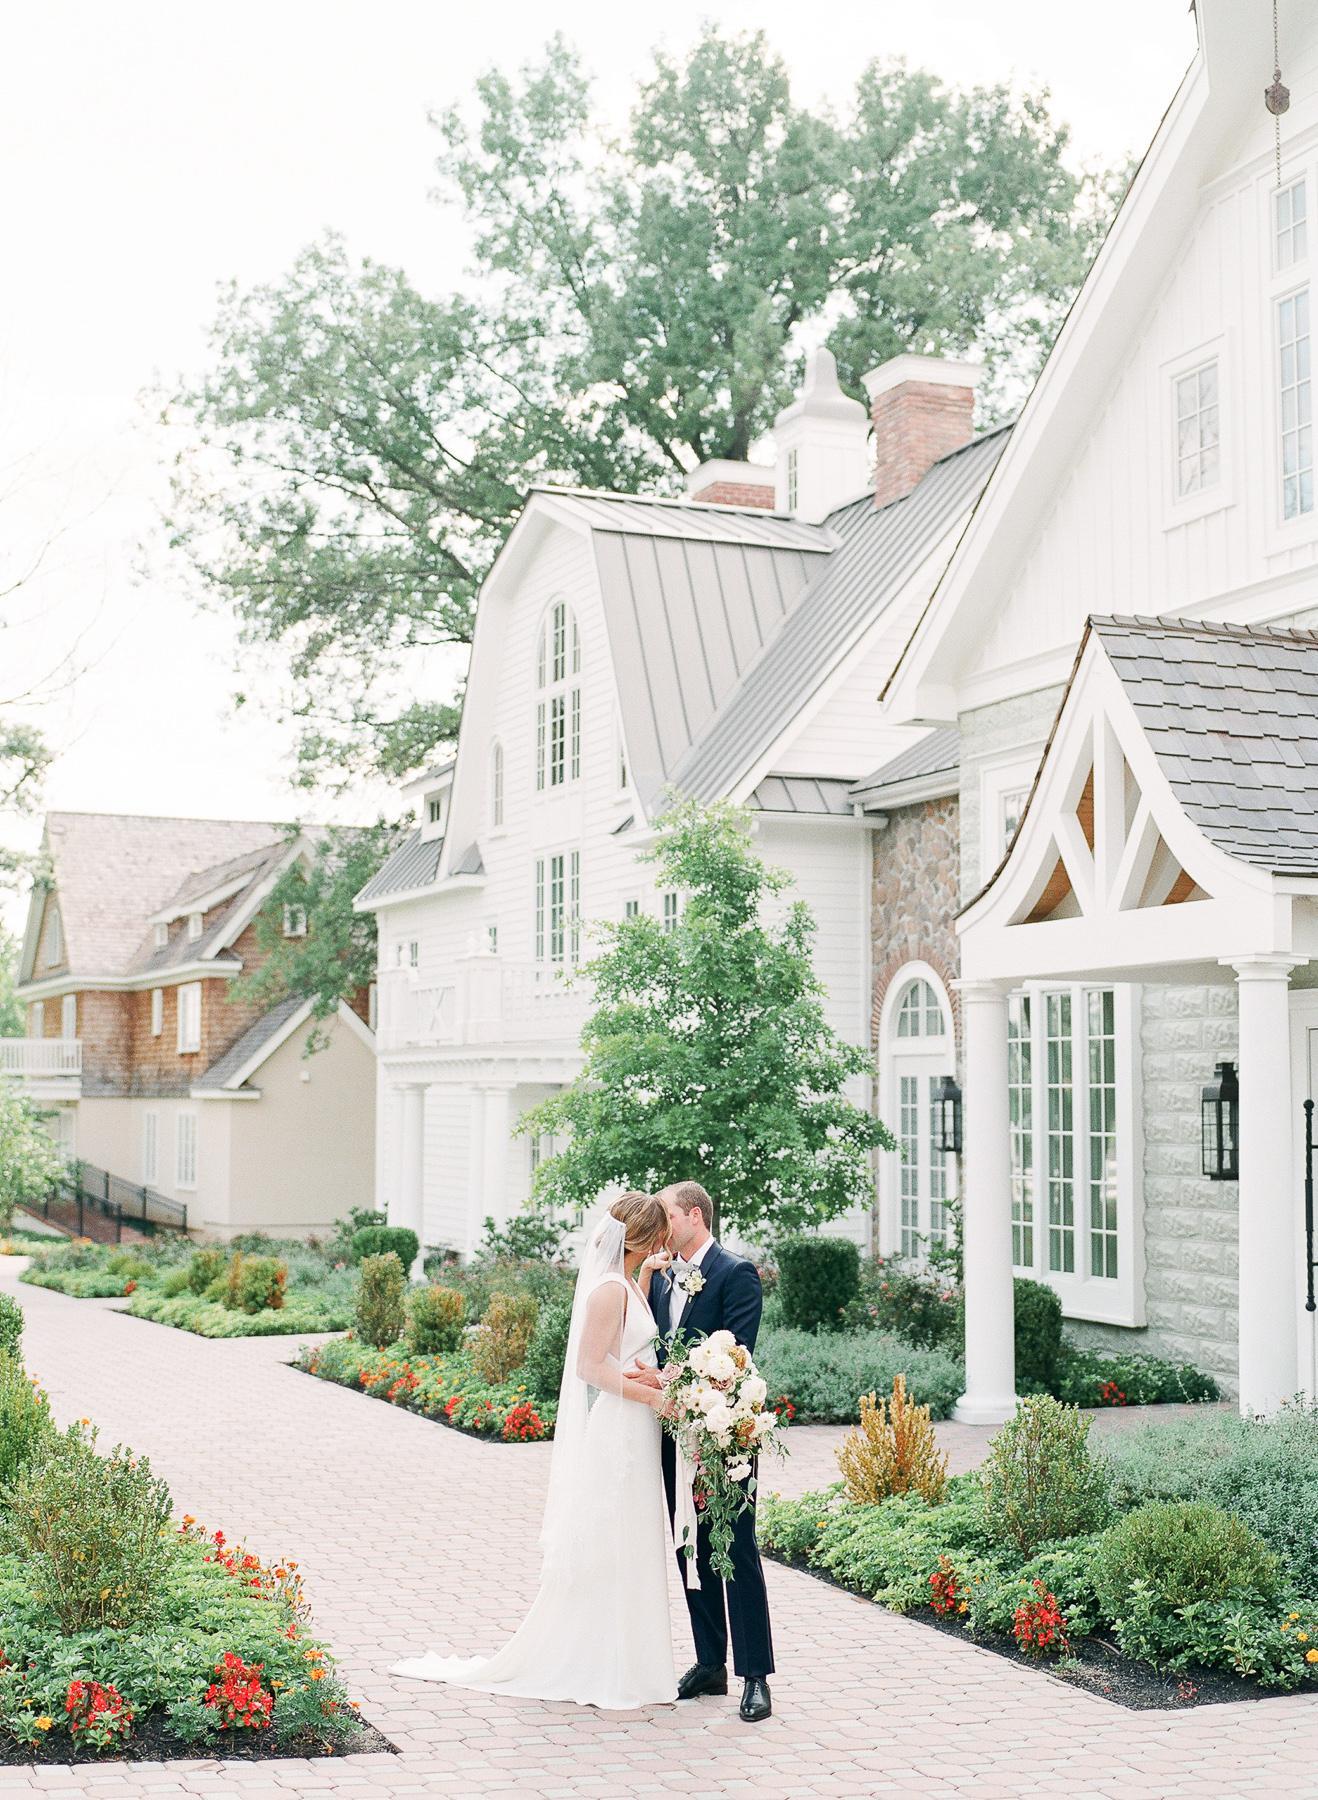 Wedding Halls In Nj | Top Wedding Venues In New Jersey